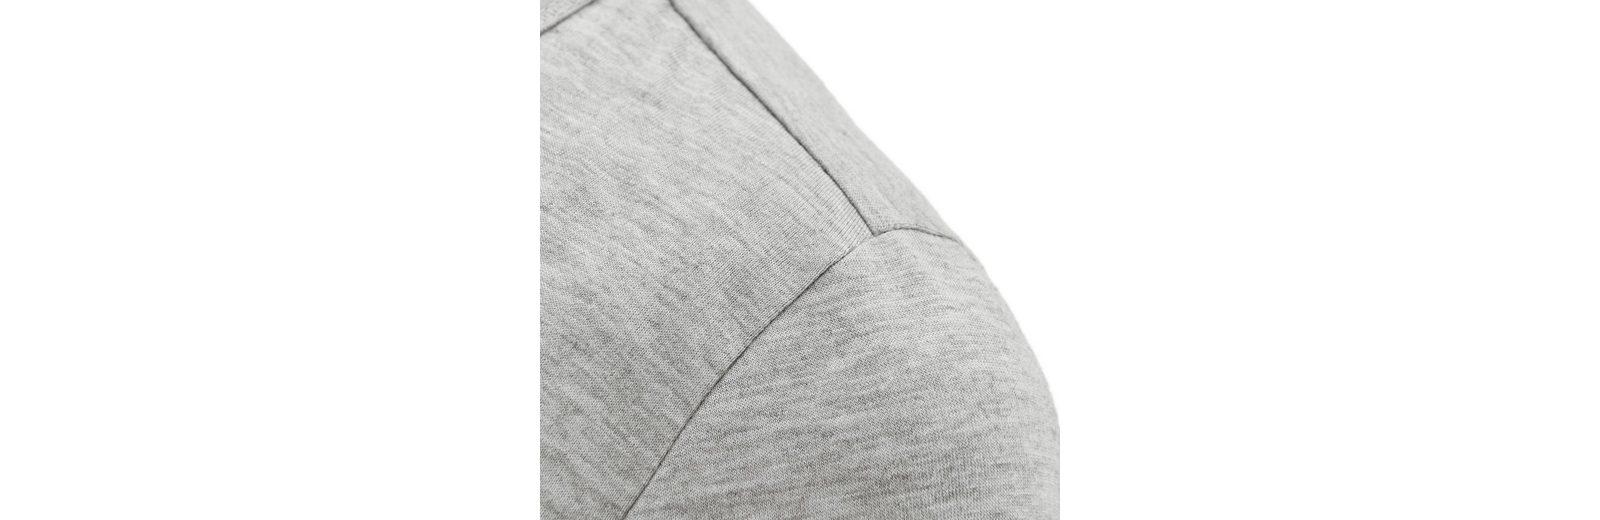 Auslass Gut Verkaufen Joy Sportswear Print-Shirt VALENZIA Erhalten Authentisch Günstigen Preis Verkauf Schnelle Lieferung Günstig Kaufen Neue Stile fmRpJMCIMe